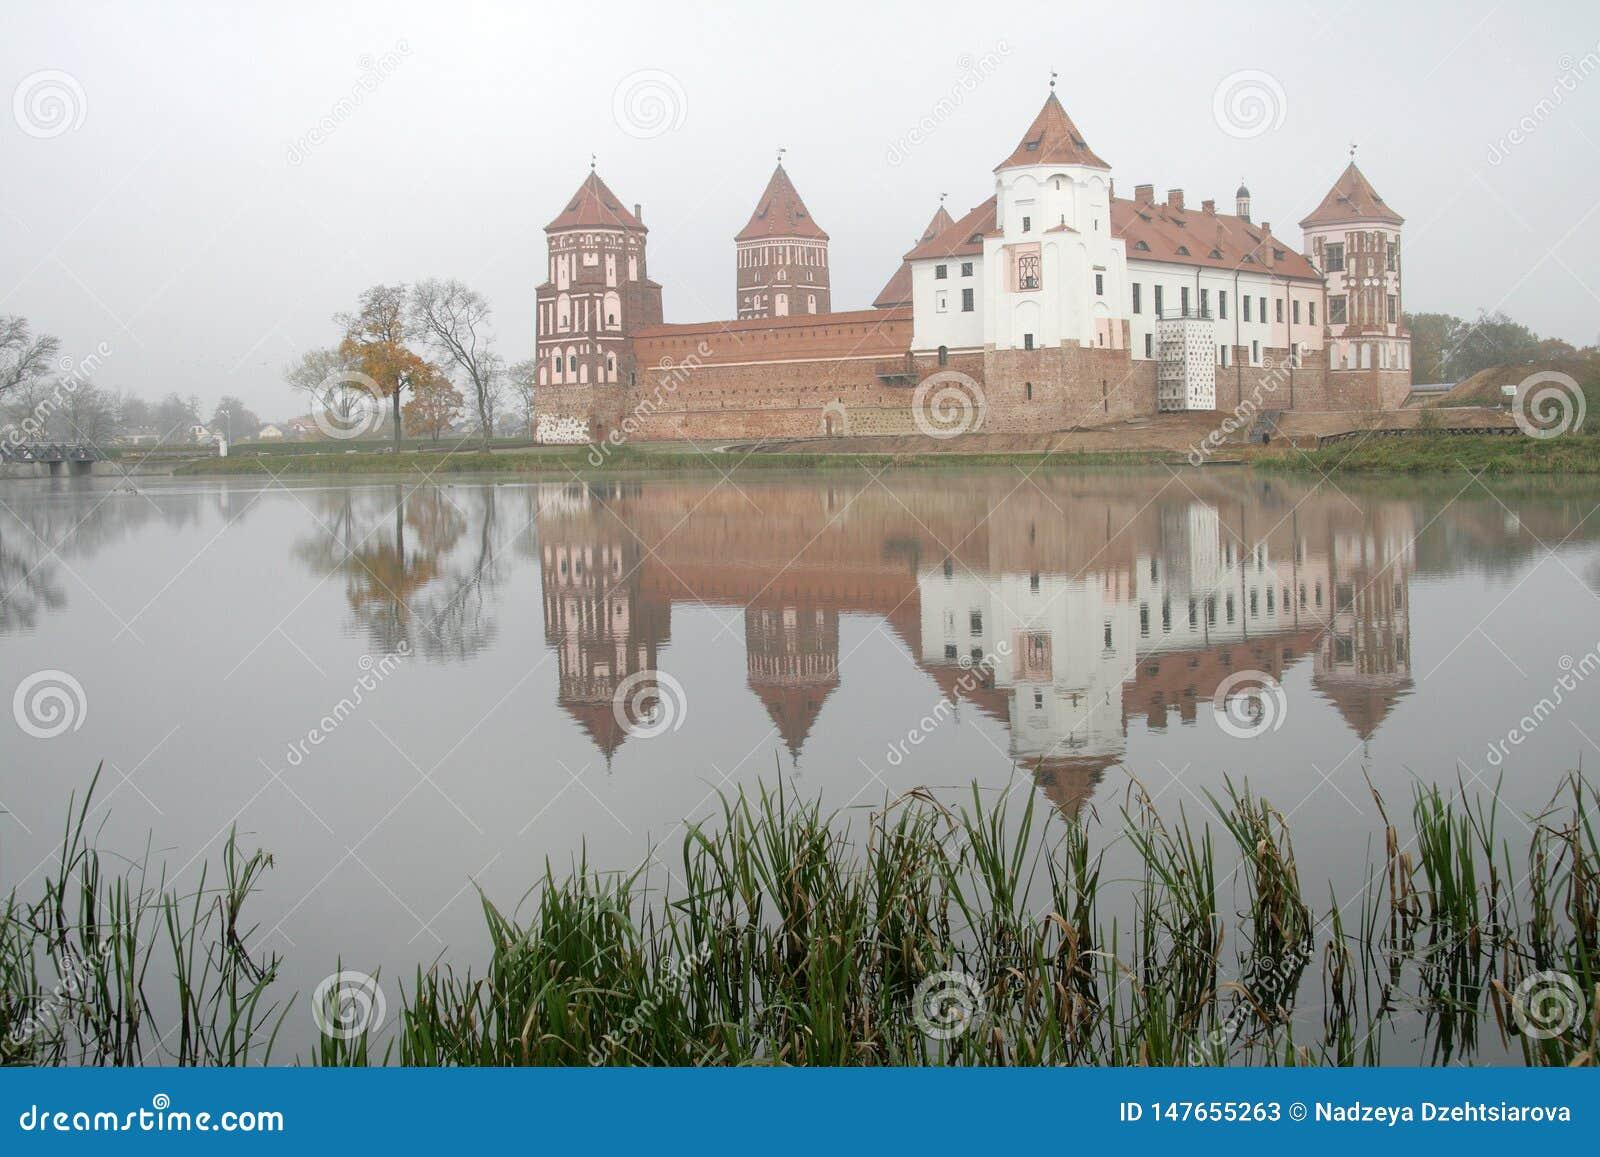 Mir Castle est une fortification et une résidence dans la ville de la MIR